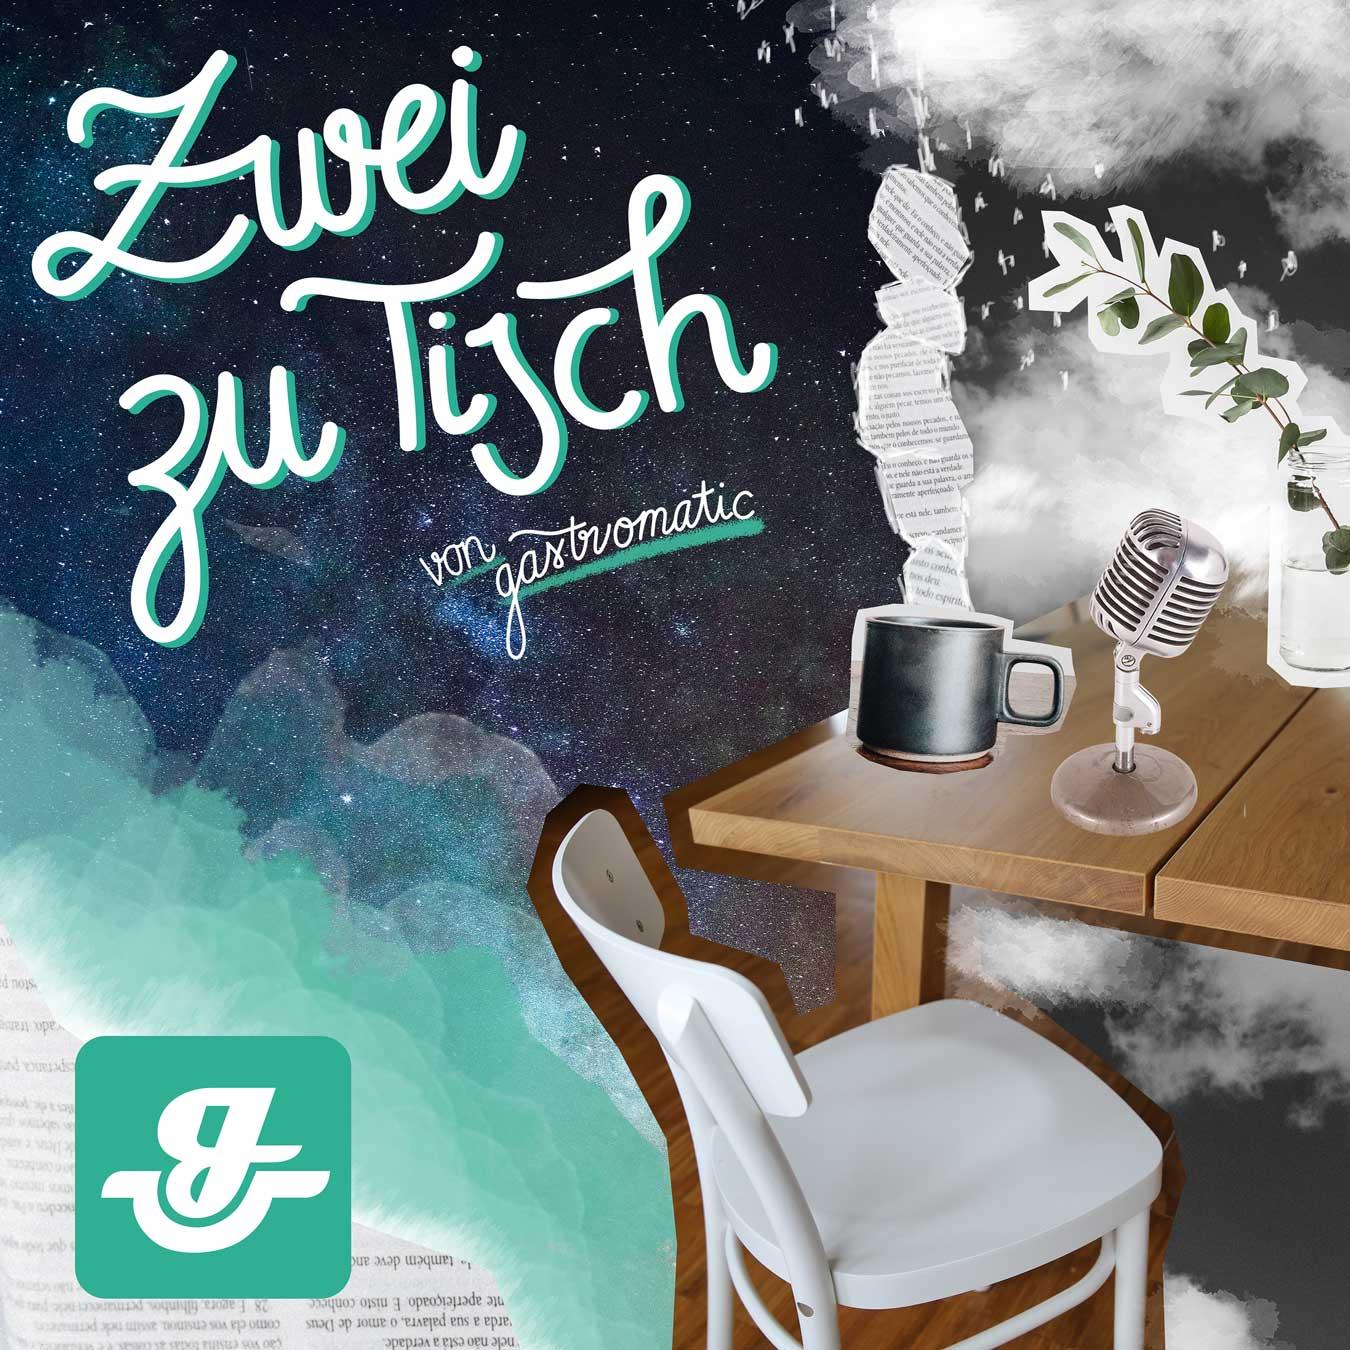 Zwei zu Tisch gastromatic Luise Hoepfner